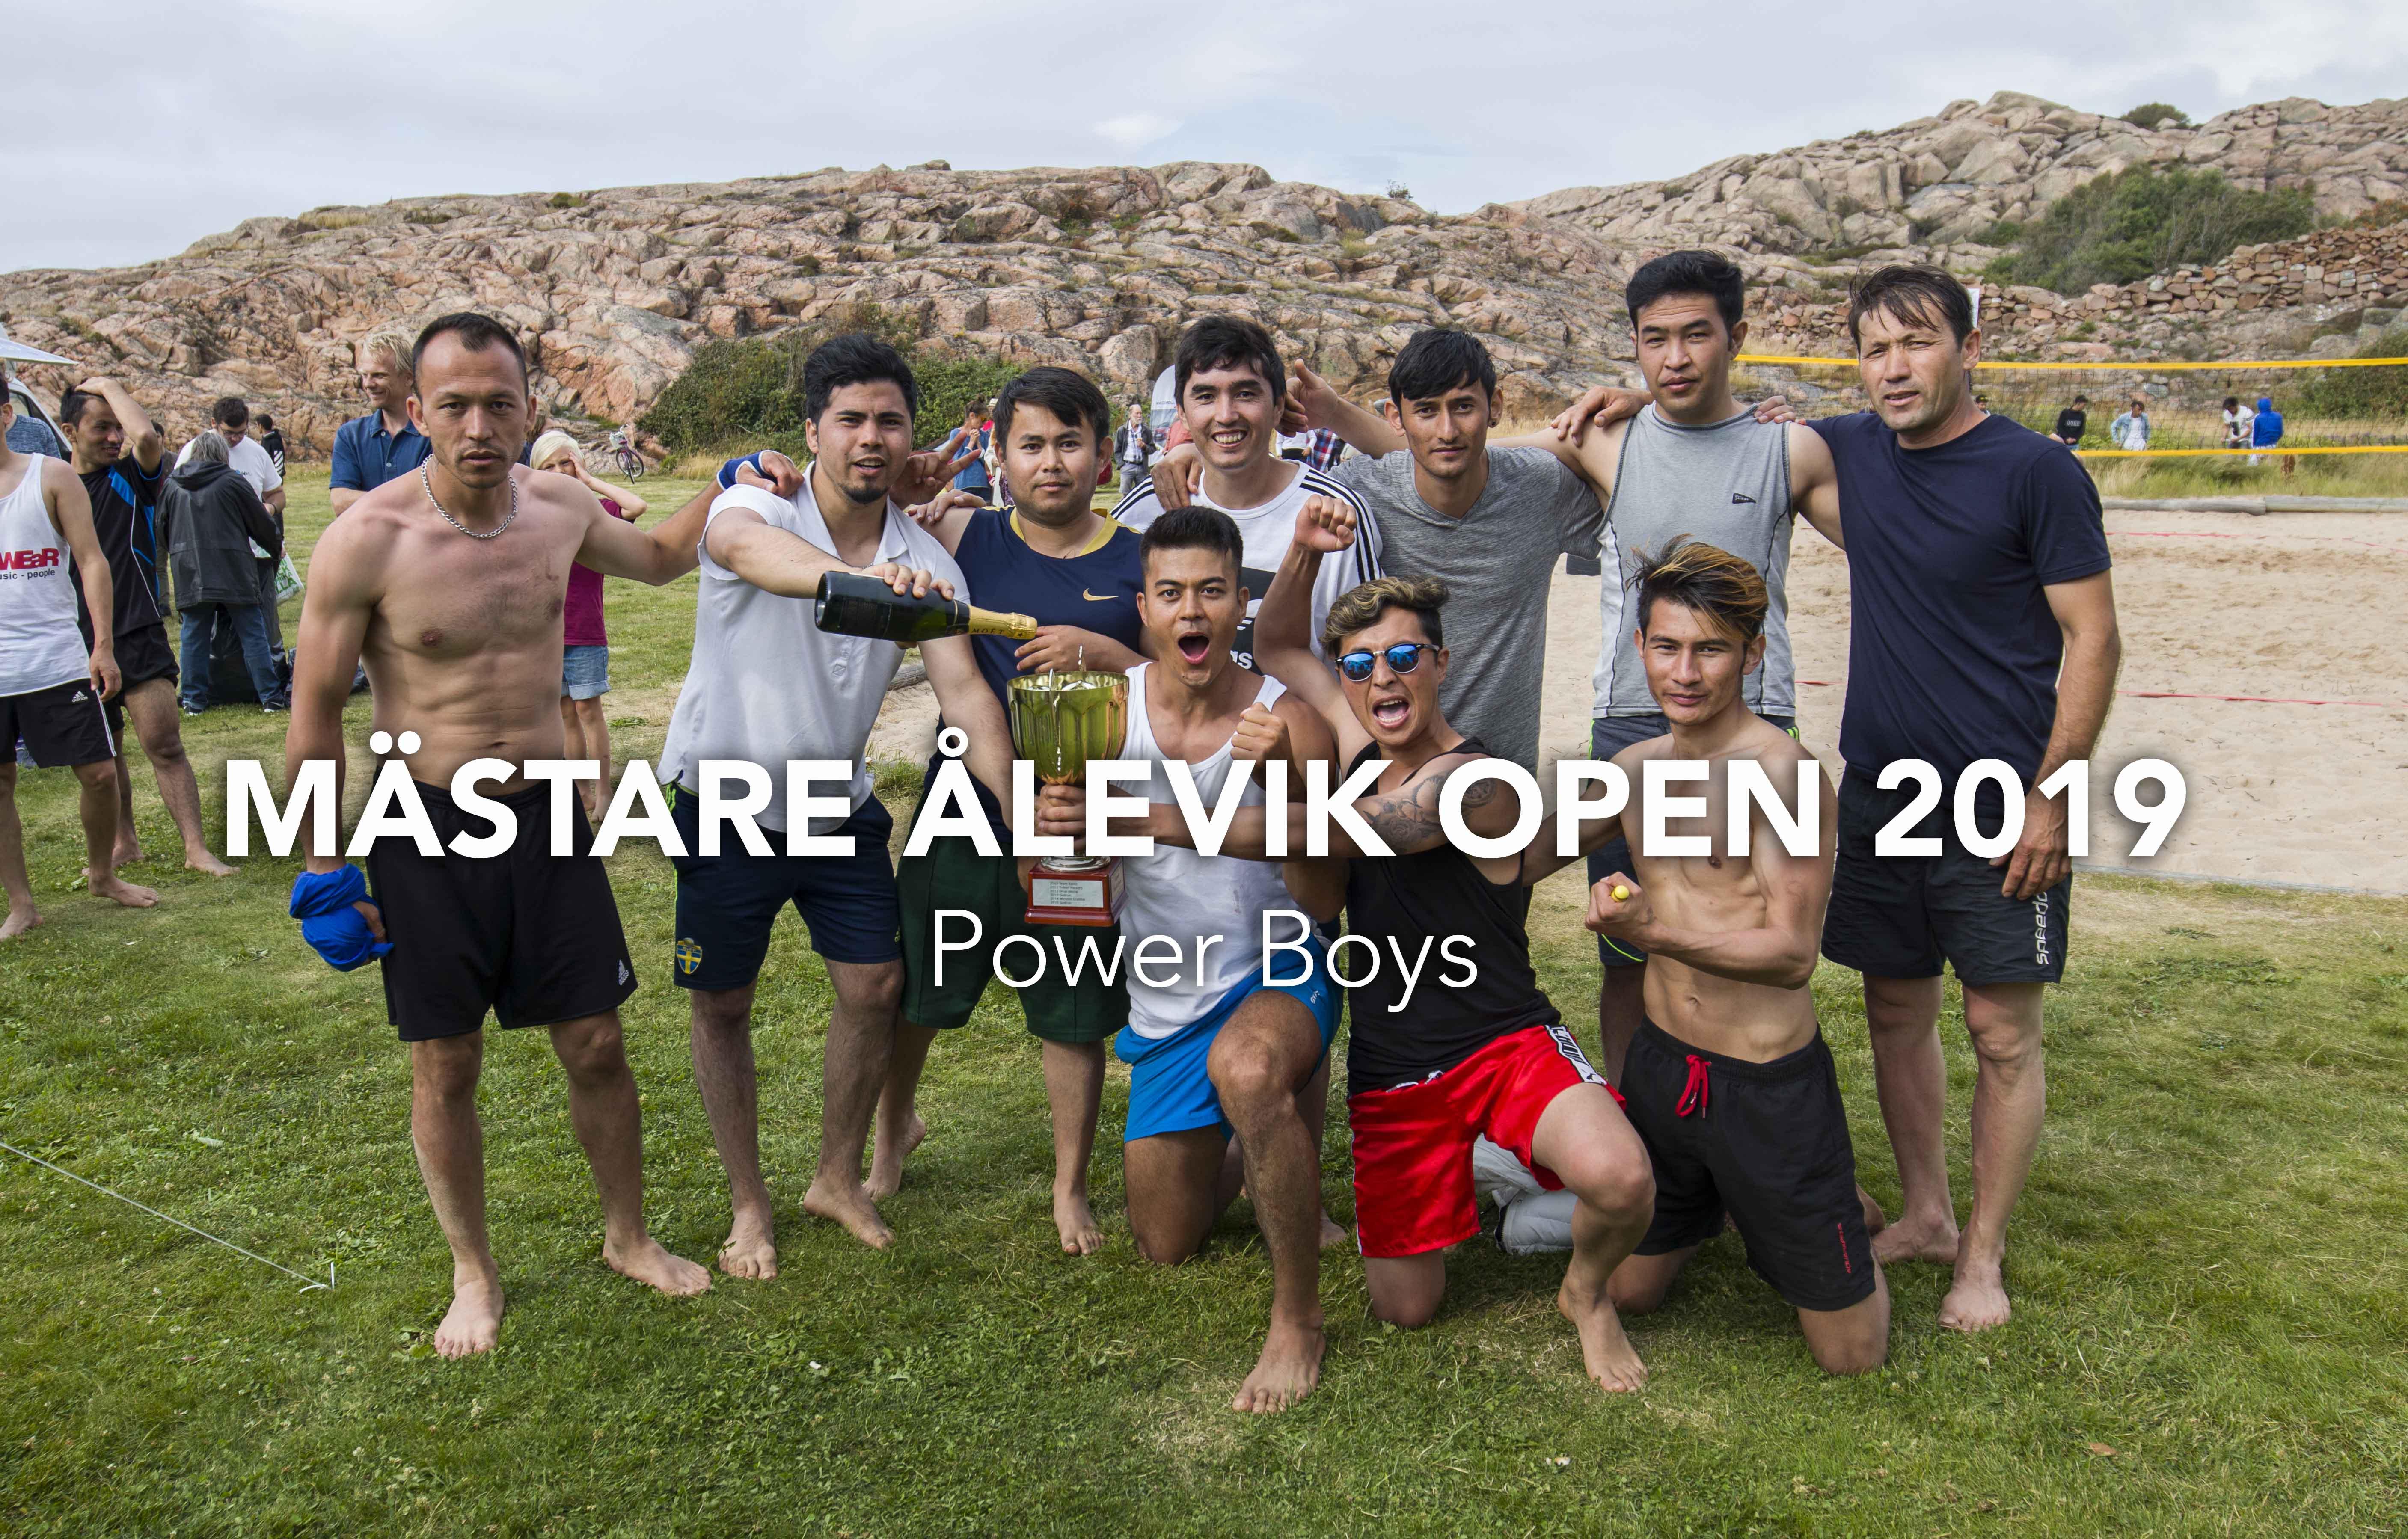 Mästare Ålevik Open 2019